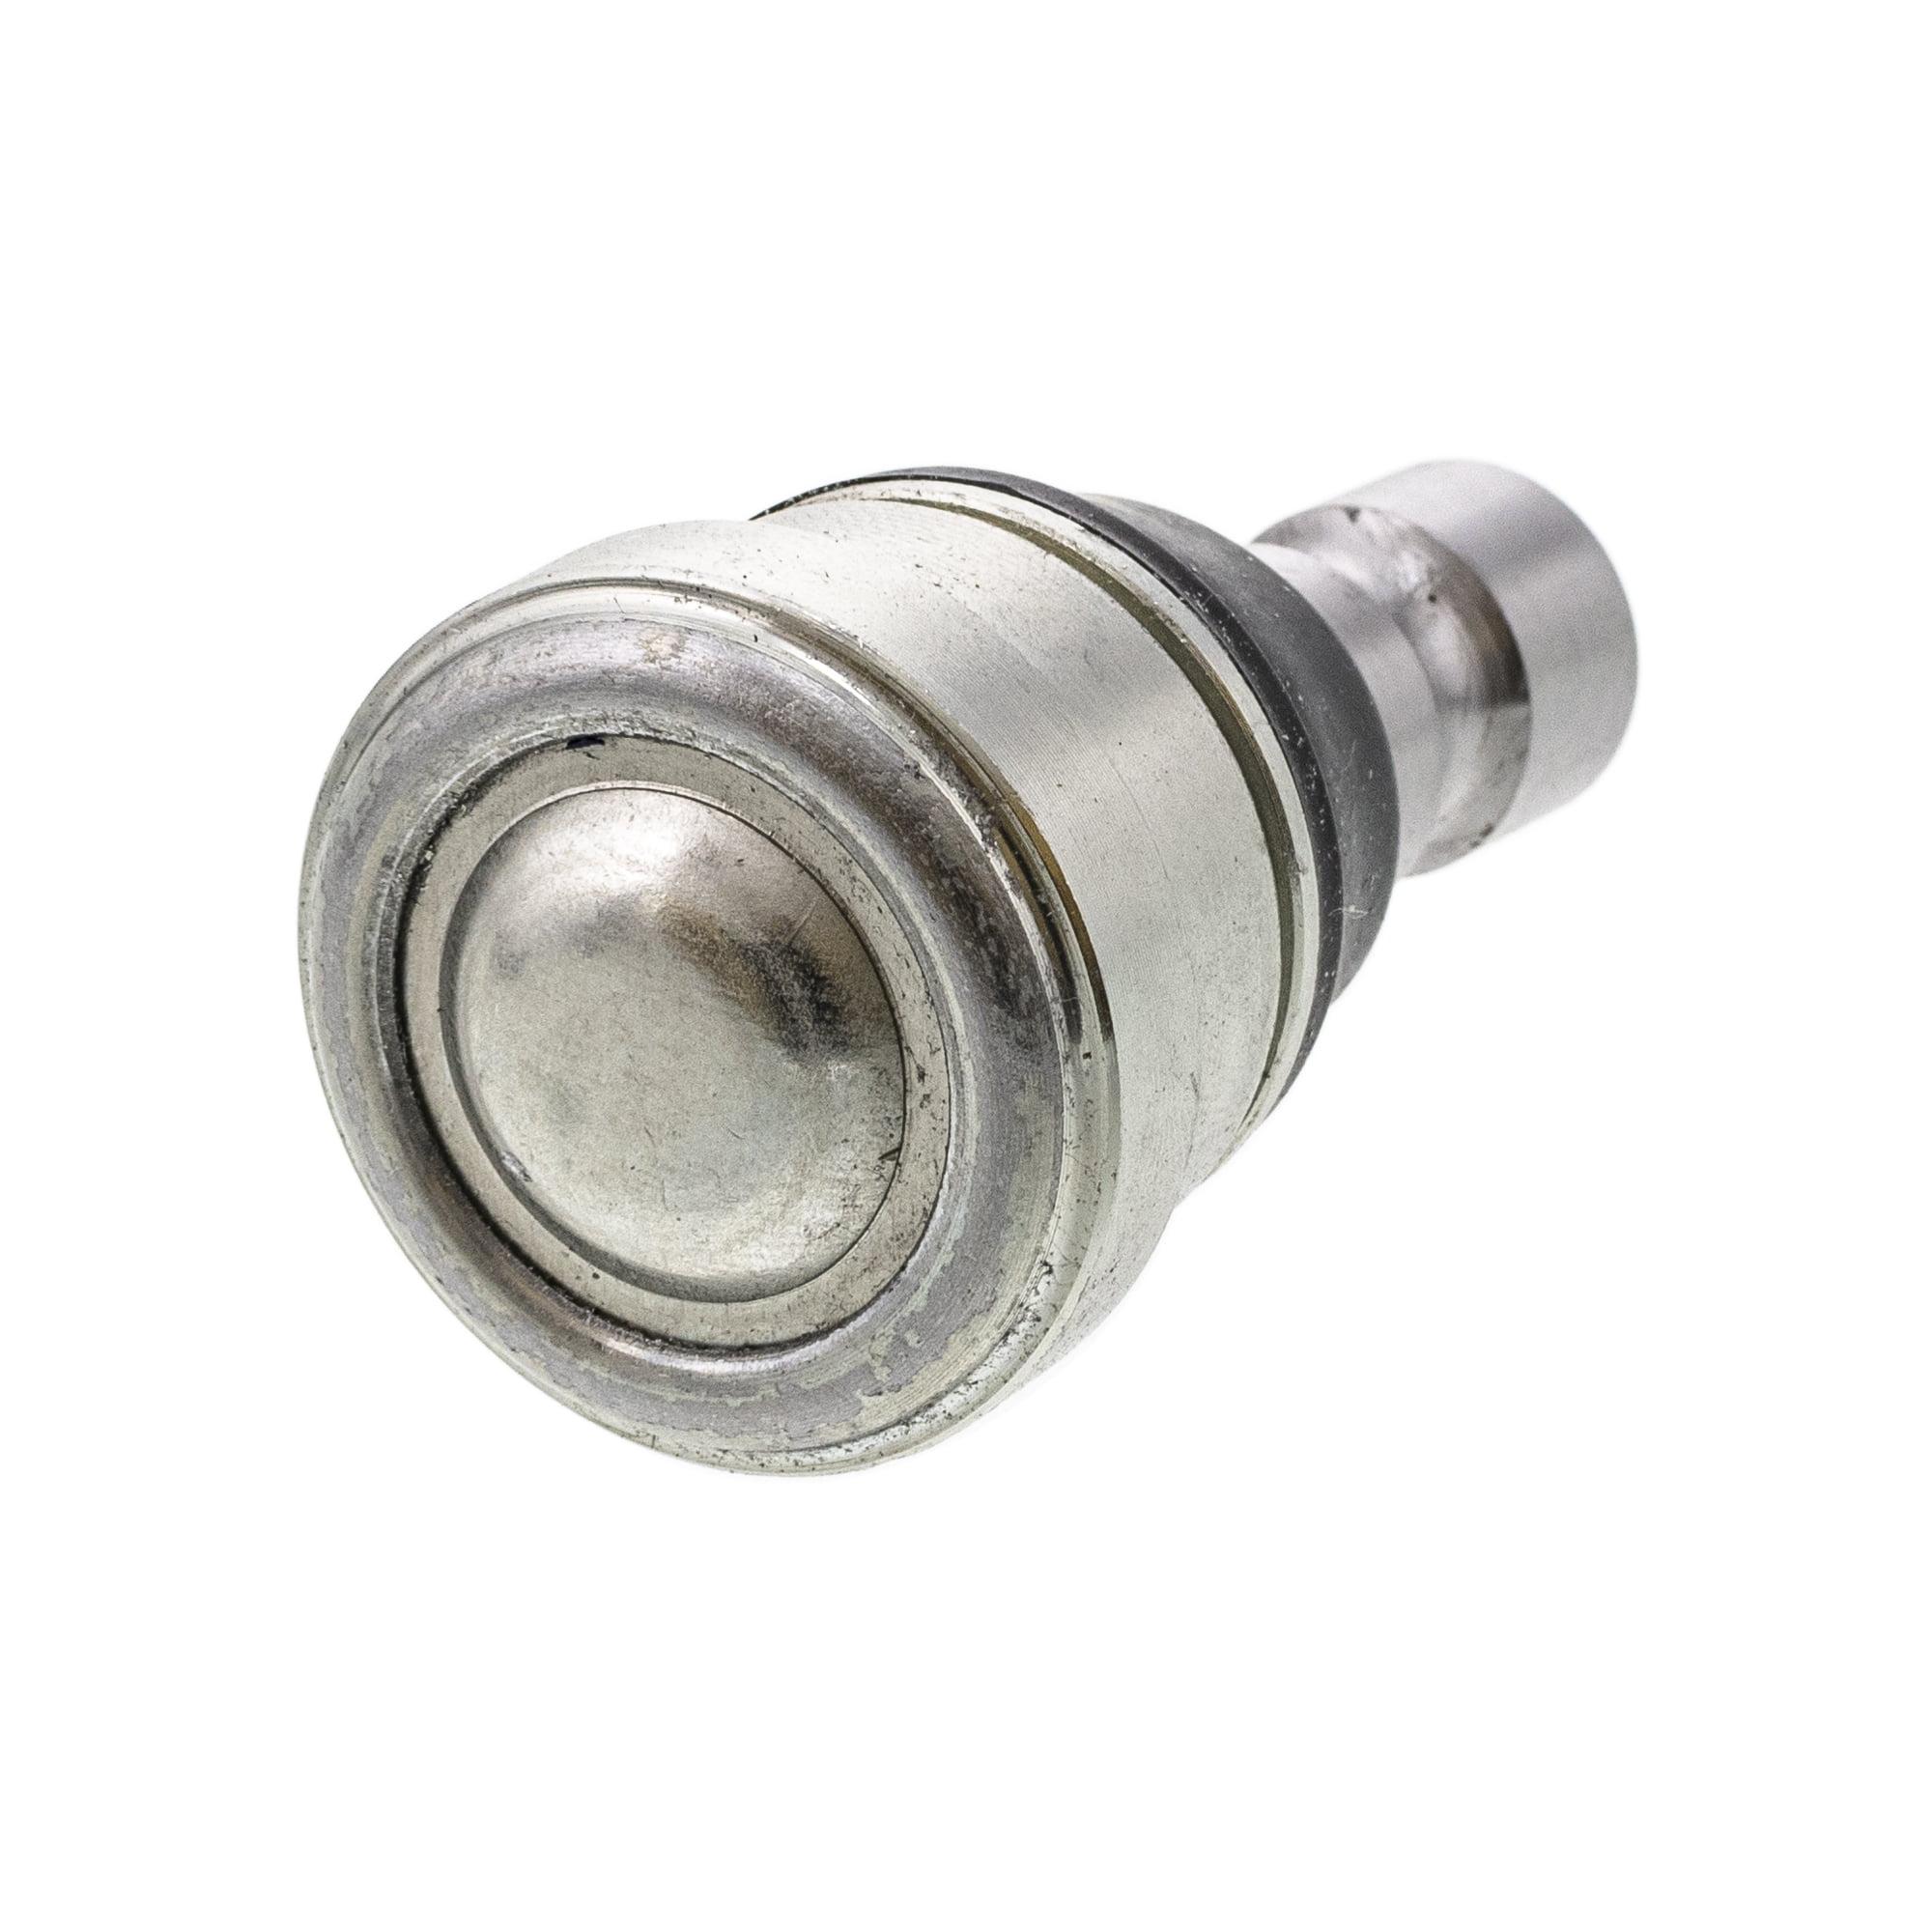 NICHE Ball Joint For Polaris 7061220 RZR 570 XP 900 800 S 570 Scrambler 850 550 Ranger 500 700 XP Upper Lower 4 Pack